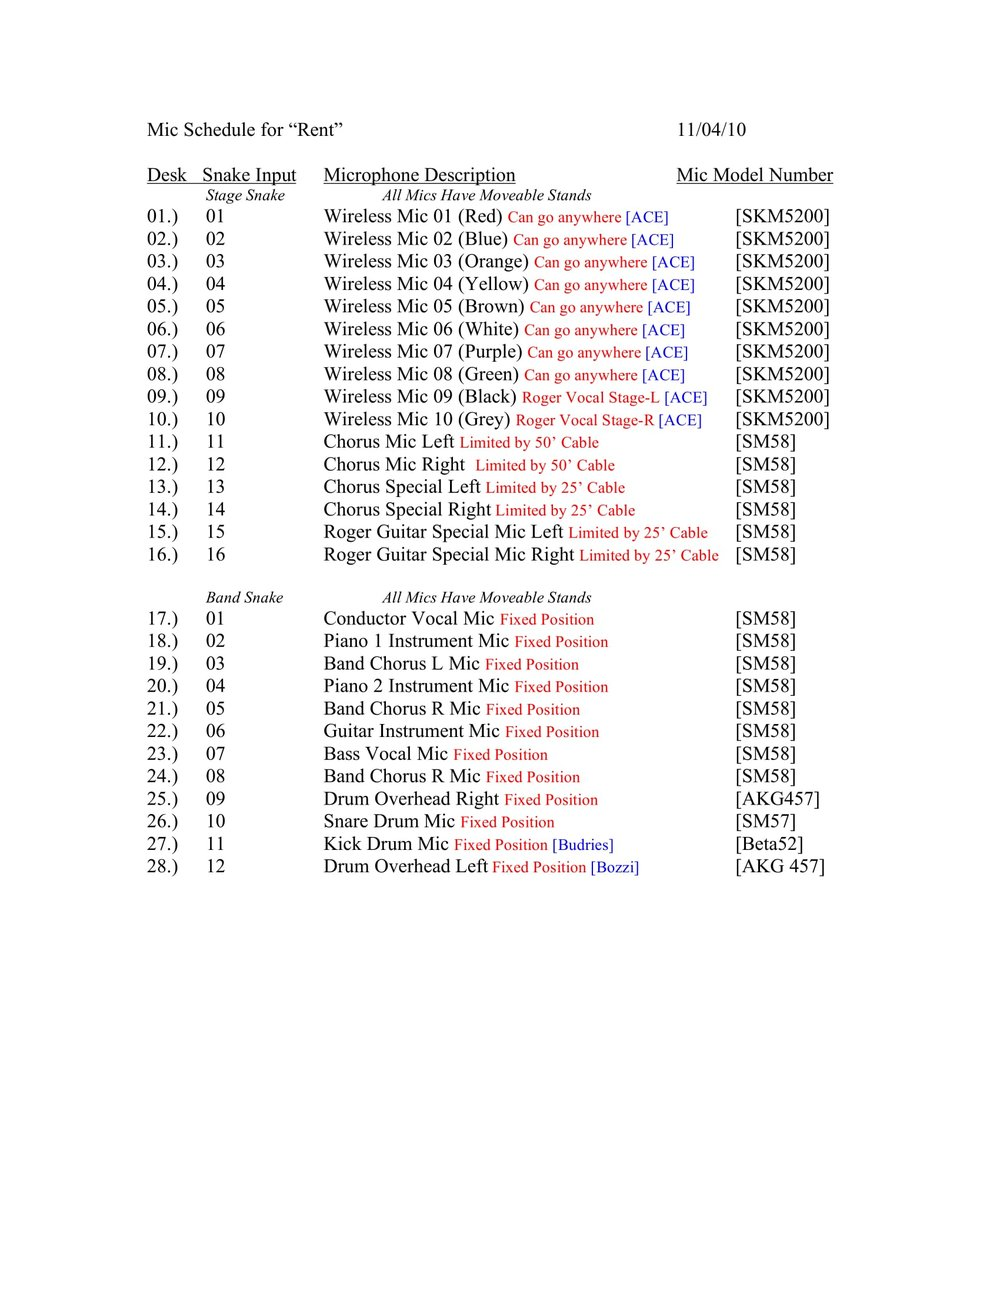 Mic Schedule Rent 11-04-10-1.jpg